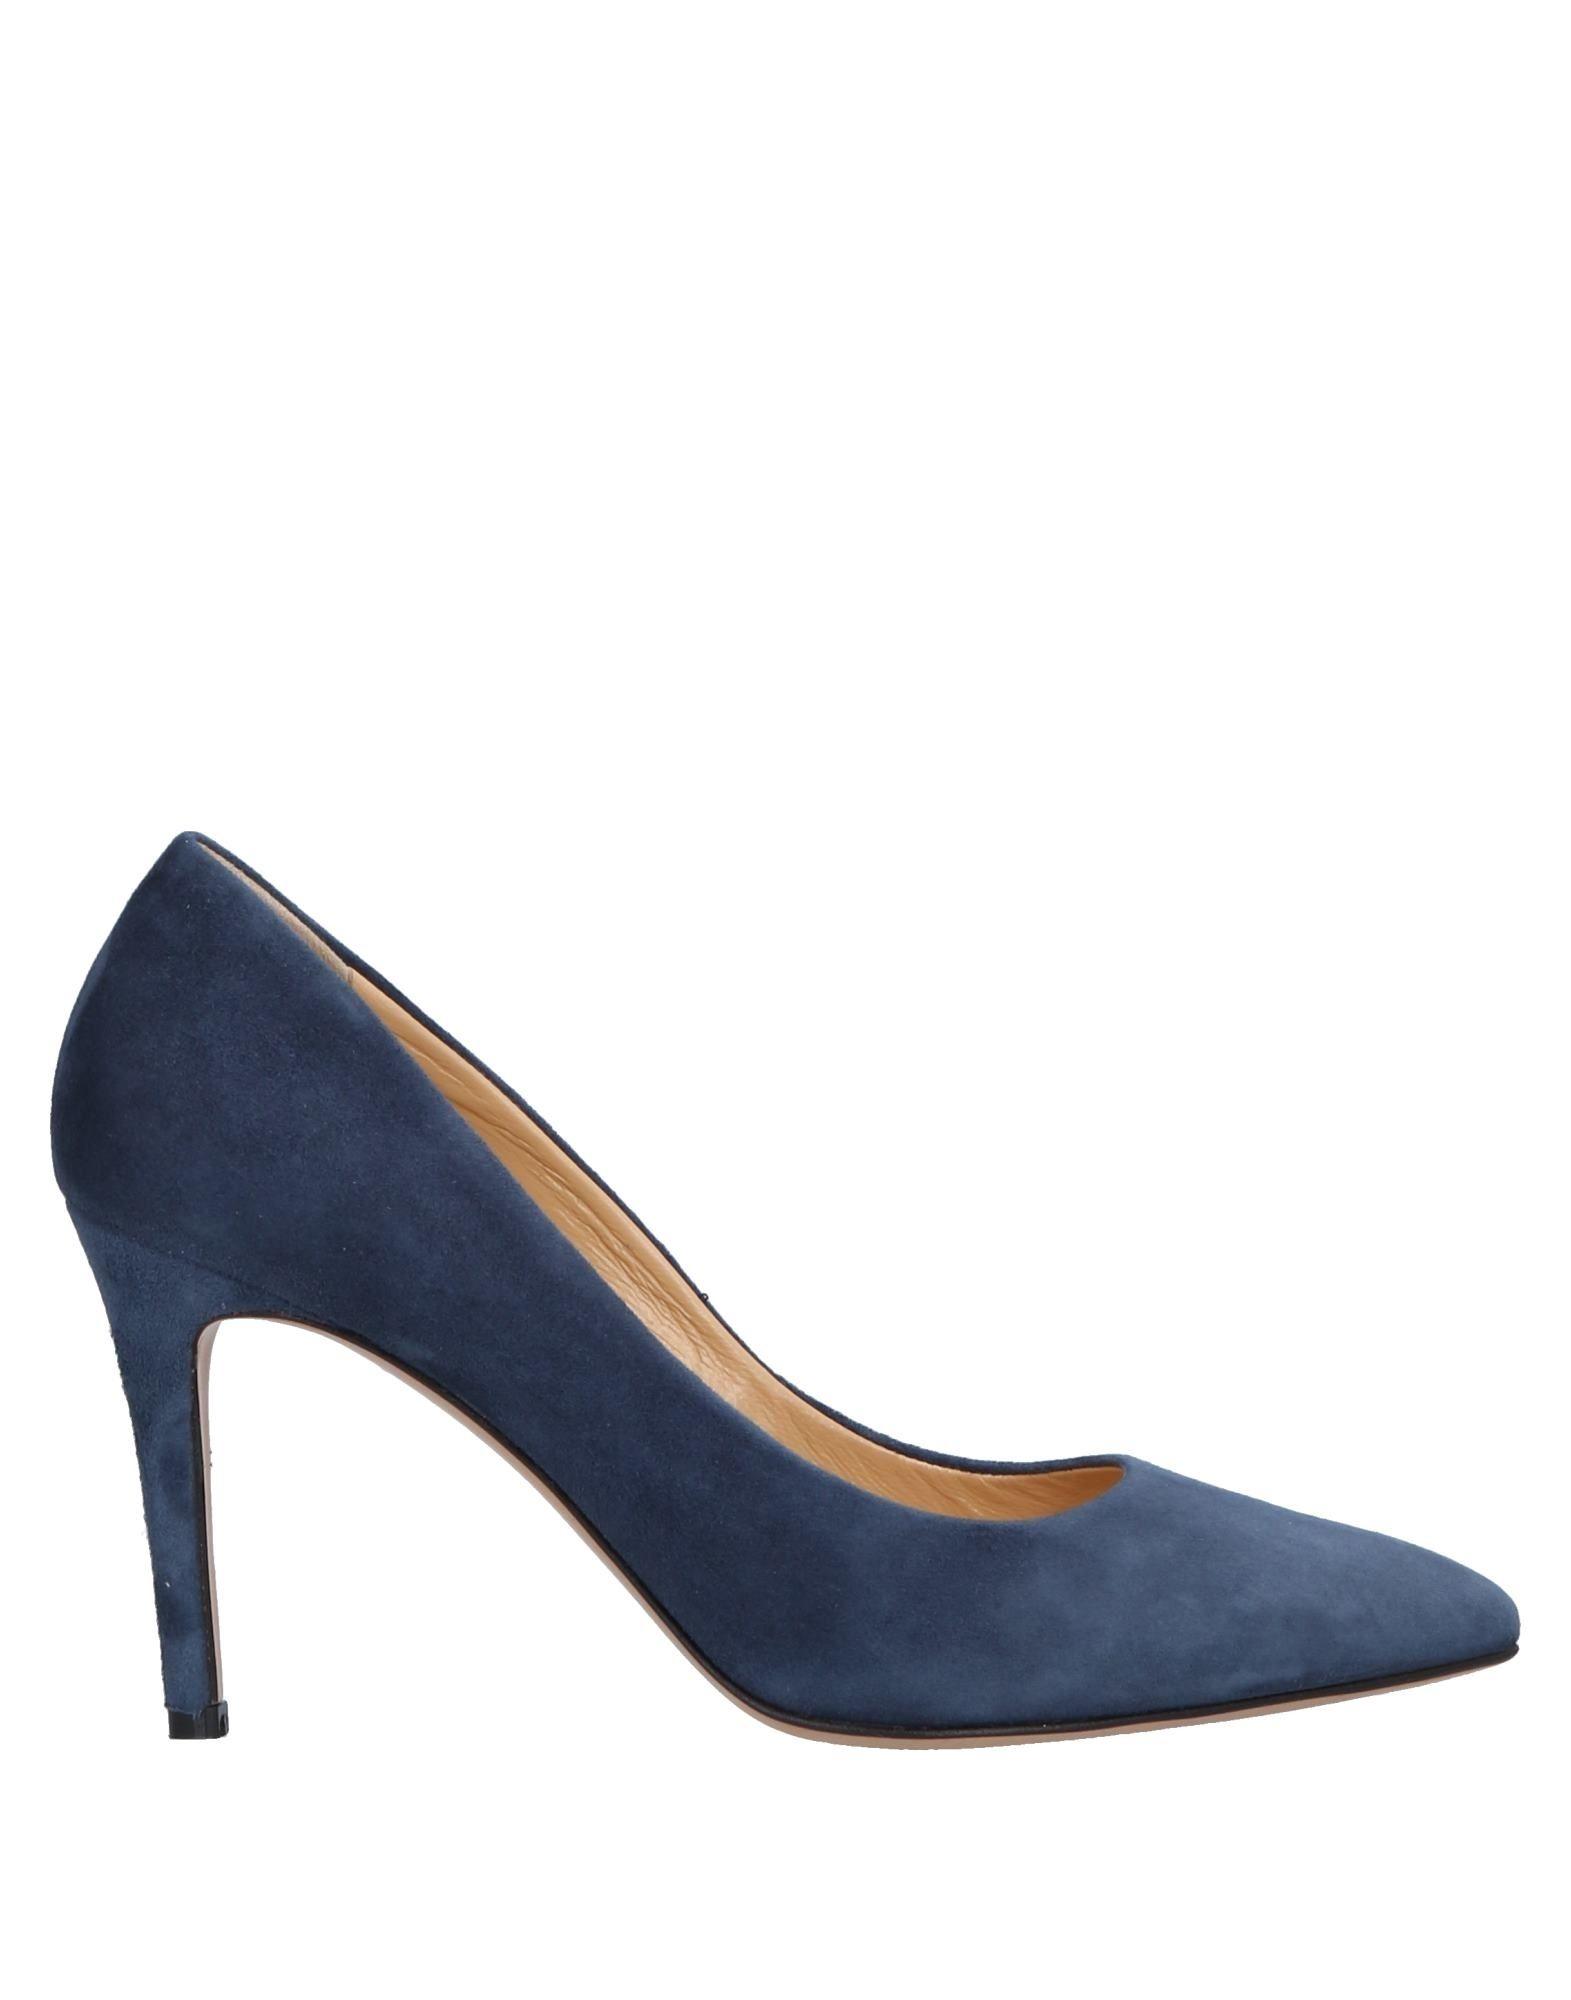 Lea 11543334GE 11543334GE Lea Gute Qualität beliebte Schuhe 52f80f